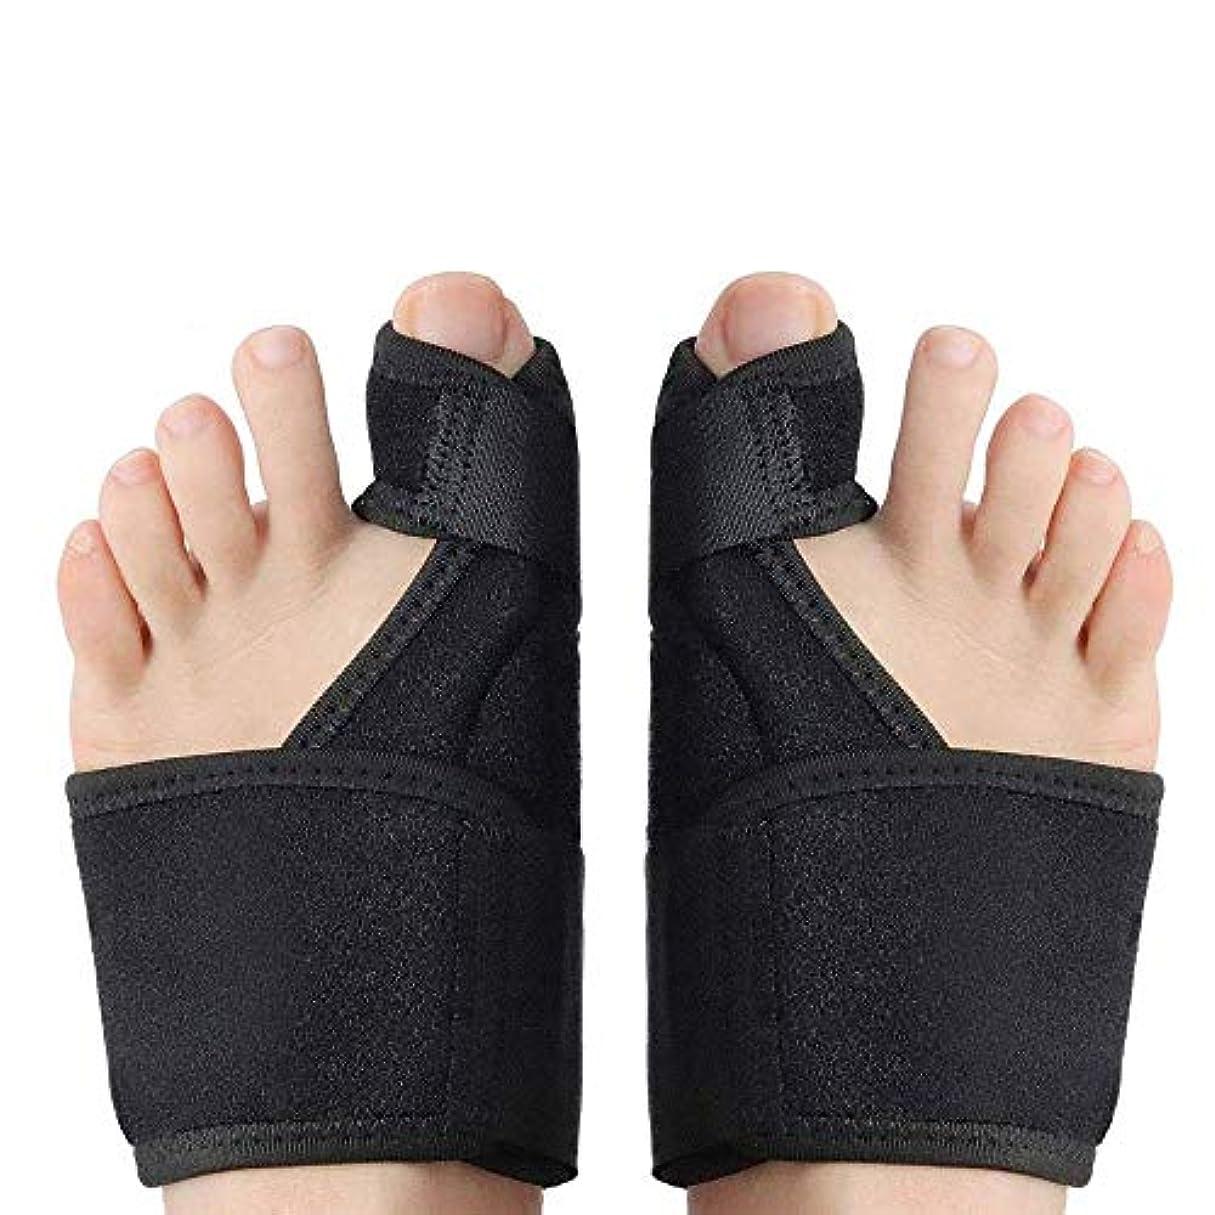 収縮アシスタント政治腱膜矯正および腱膜弛緩整形外科のつま先ストレイテナー御馳走して外反母趾装具快適な外反ベルトアップグレードパッケージ